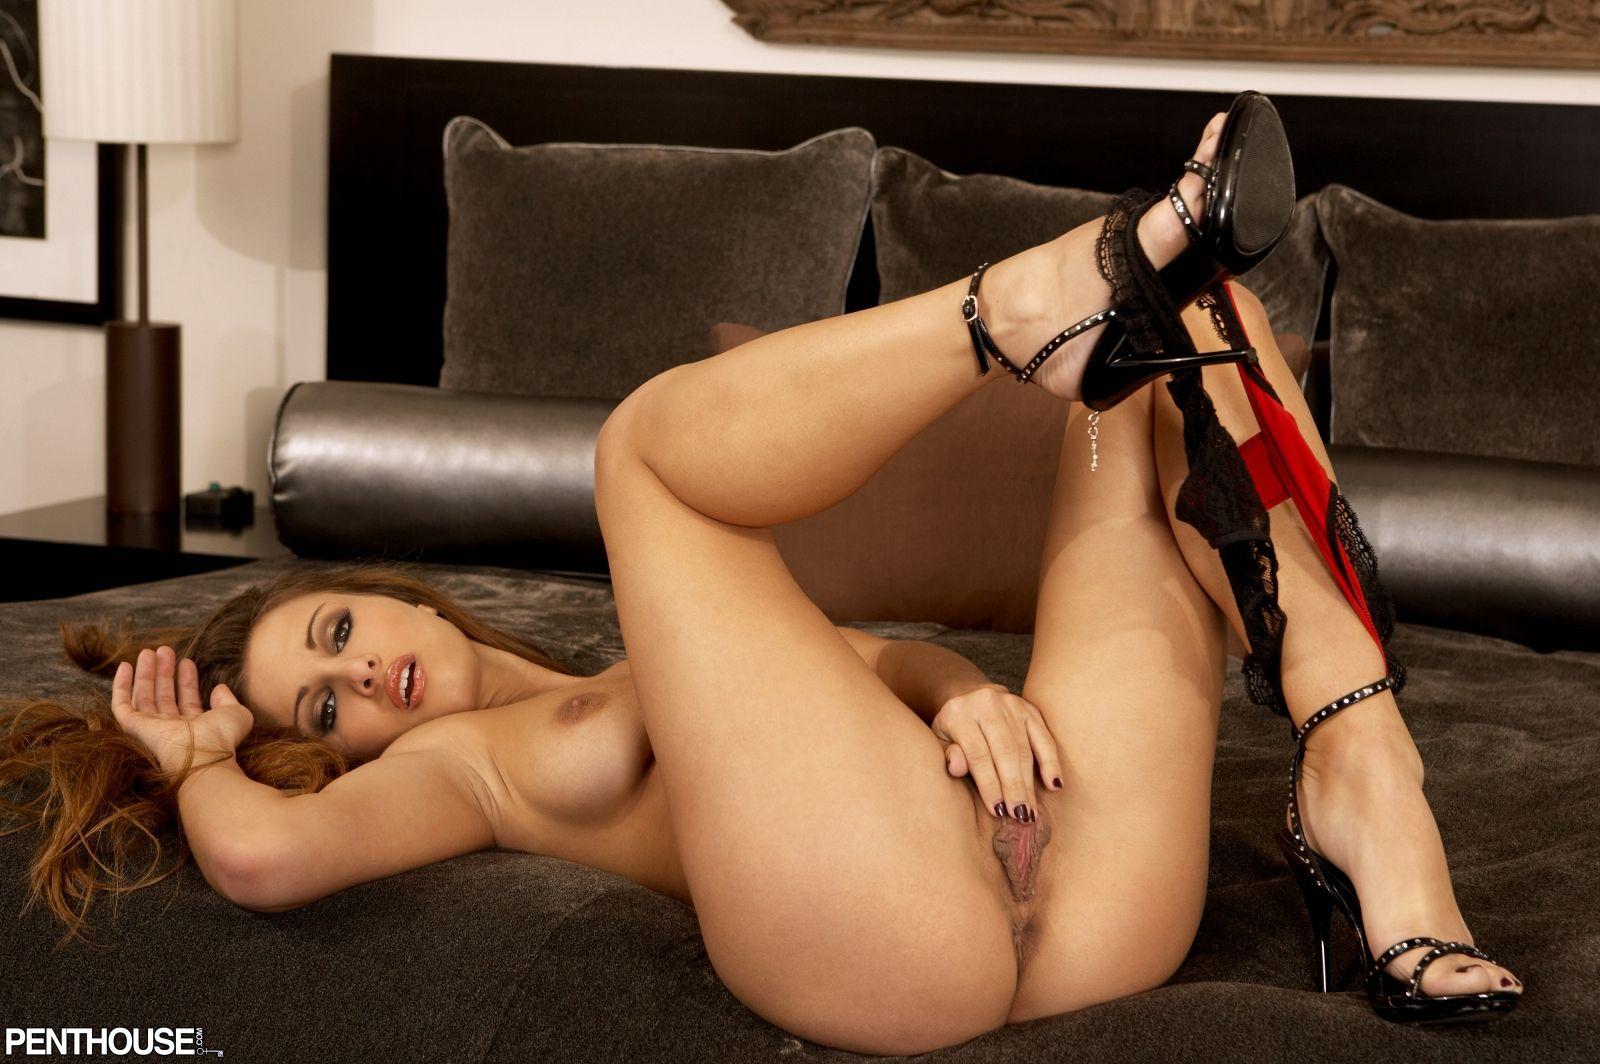 Andie valentino's profile pics